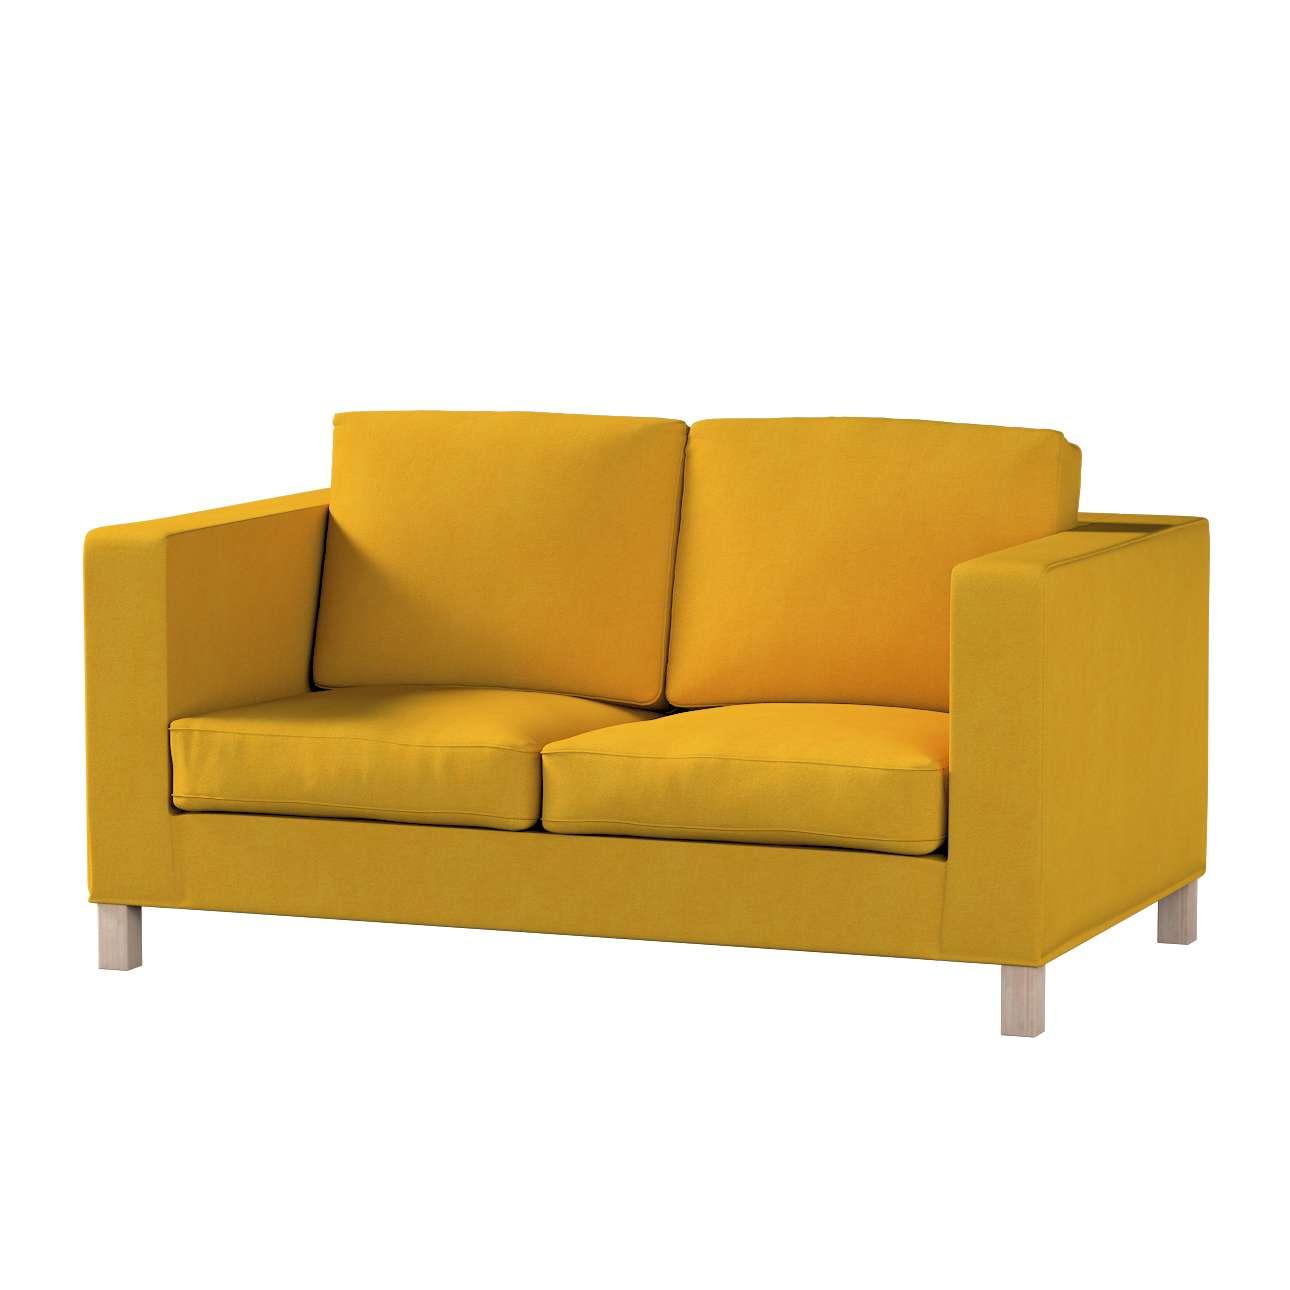 Karlanda 2-Sitzer Sofabezug nicht ausklappbar kurz Karlanda 2-Sitzer von der Kollektion Etna, Stoff: 705-04